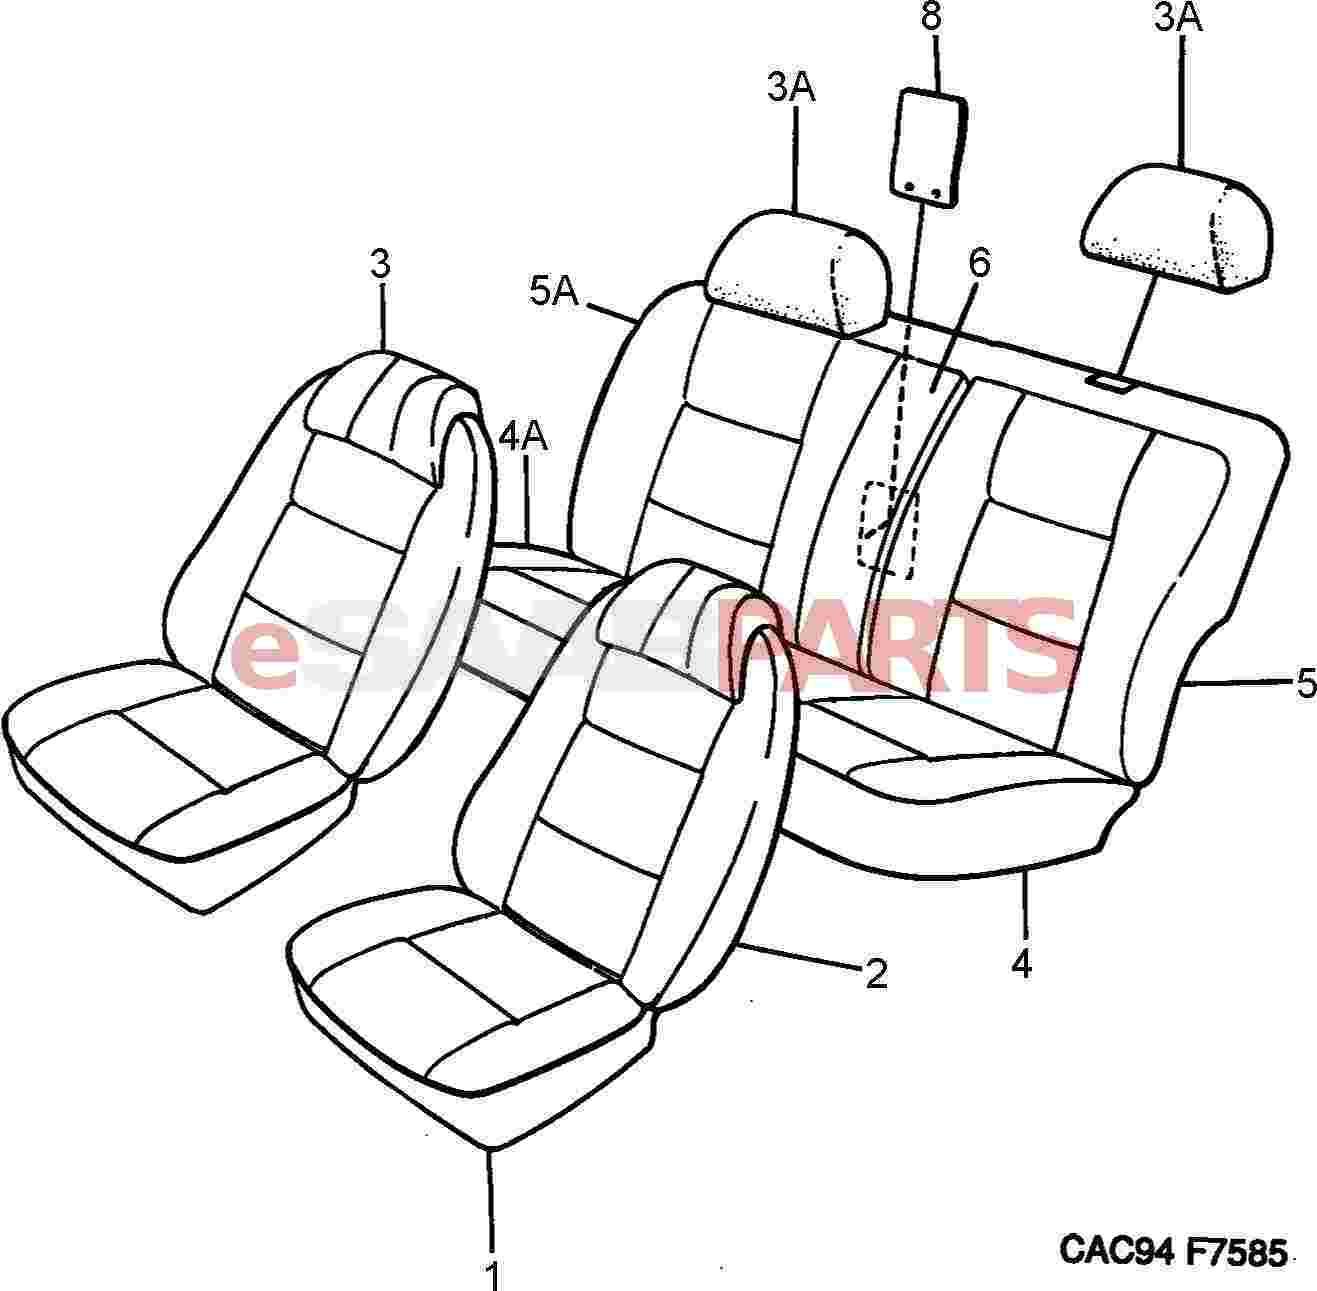 eSaabParts com - Saab 9000 > Car Body: Internal Parts > Body